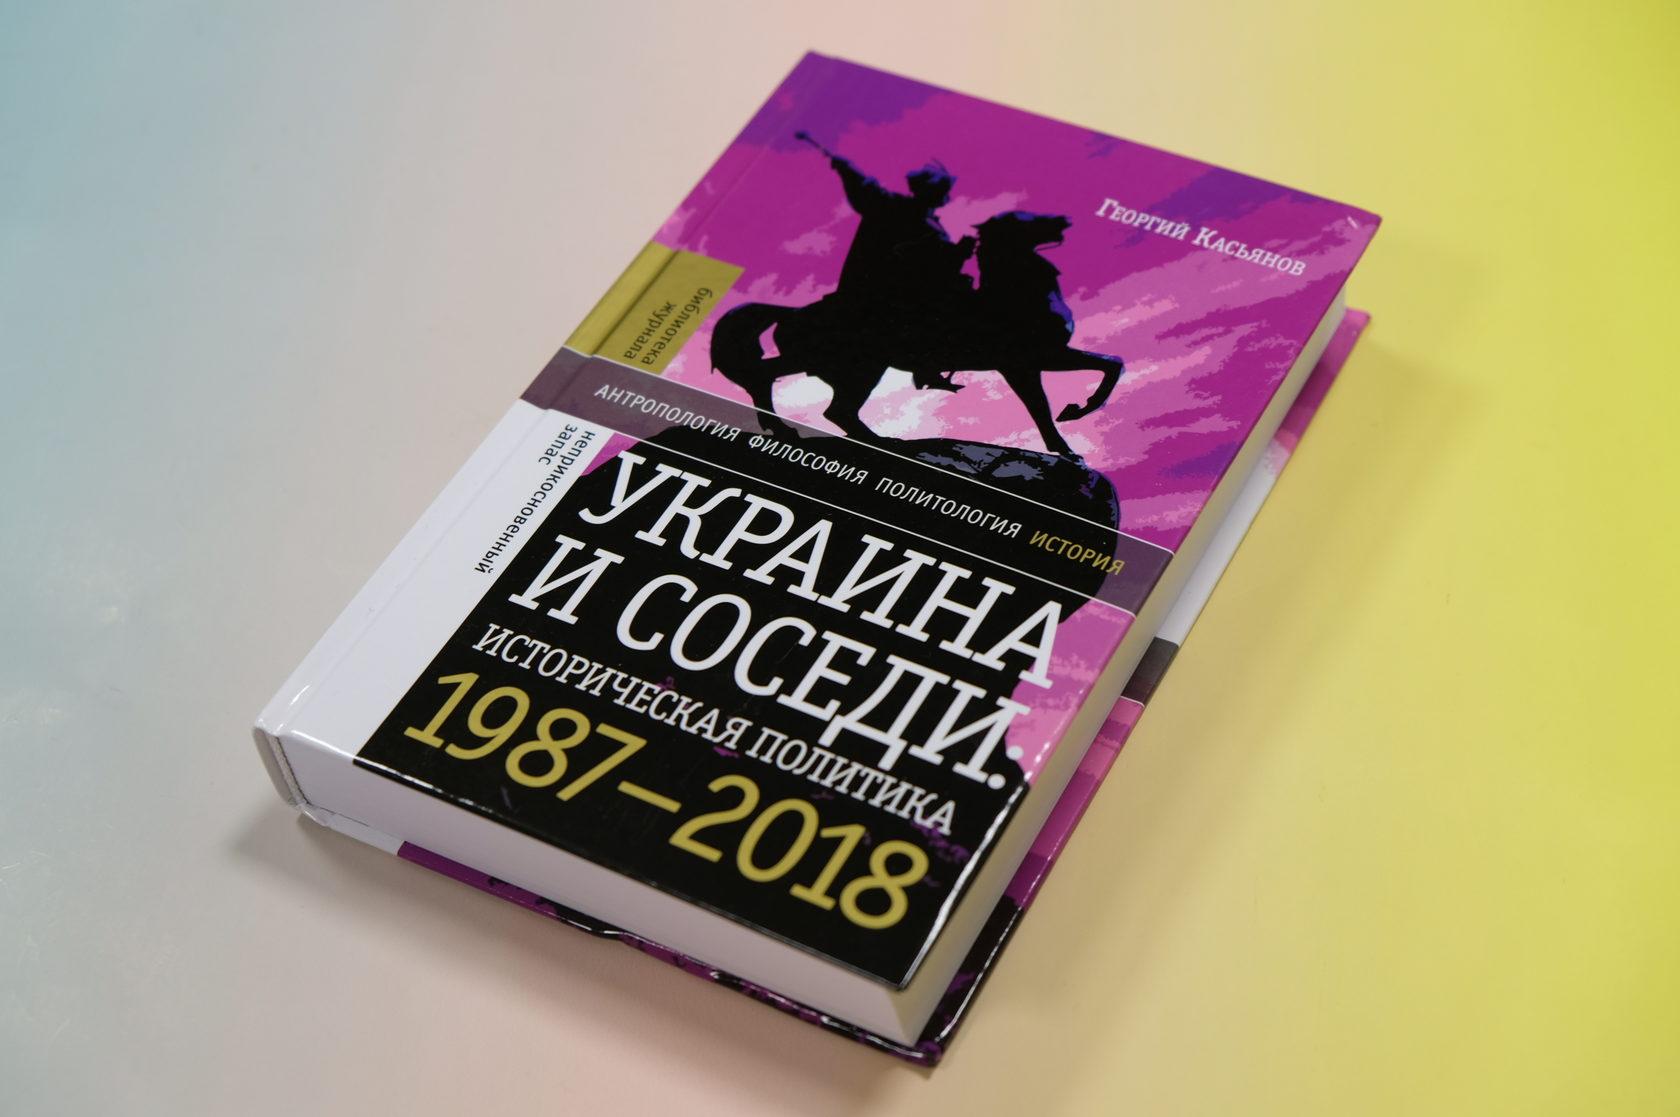 Георгий Касьянов «Украина и соседи. Иторическая политика 1980–2010-х», 978-5-4448-0934-1